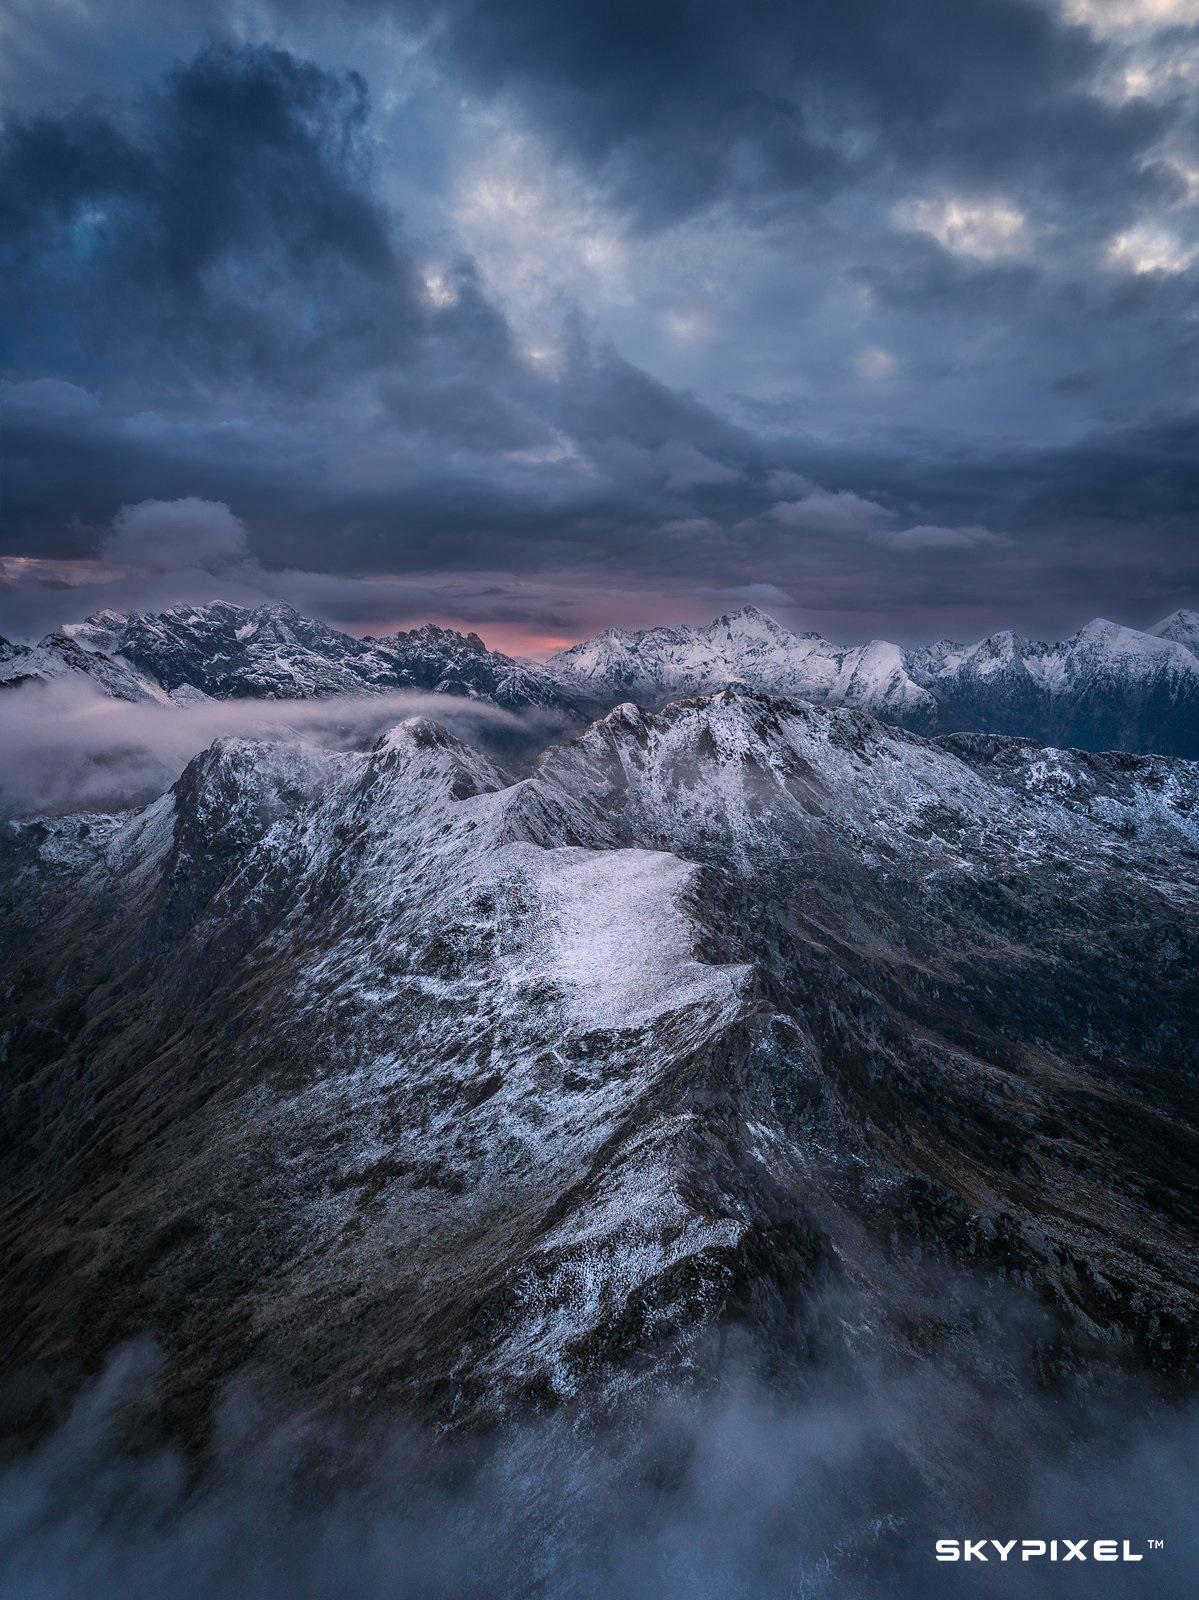 2017年天空之城摄影大赛作品第六期:冰雪之冬